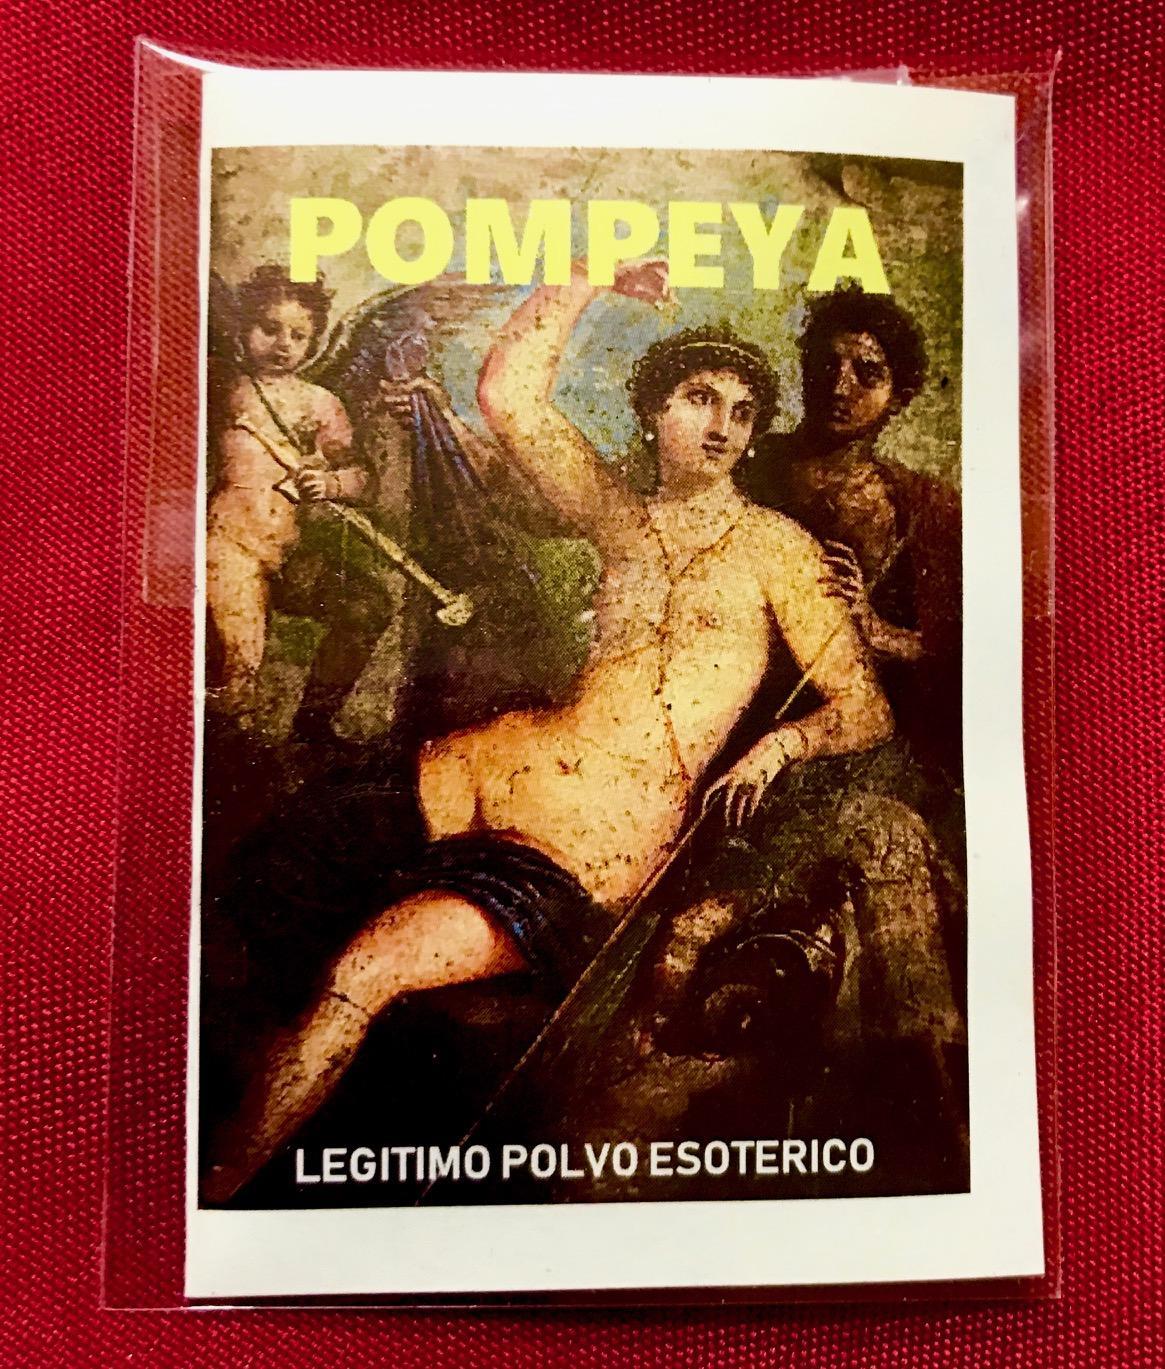 LEGITIMO POLVO ESOTERICO POMPEYA